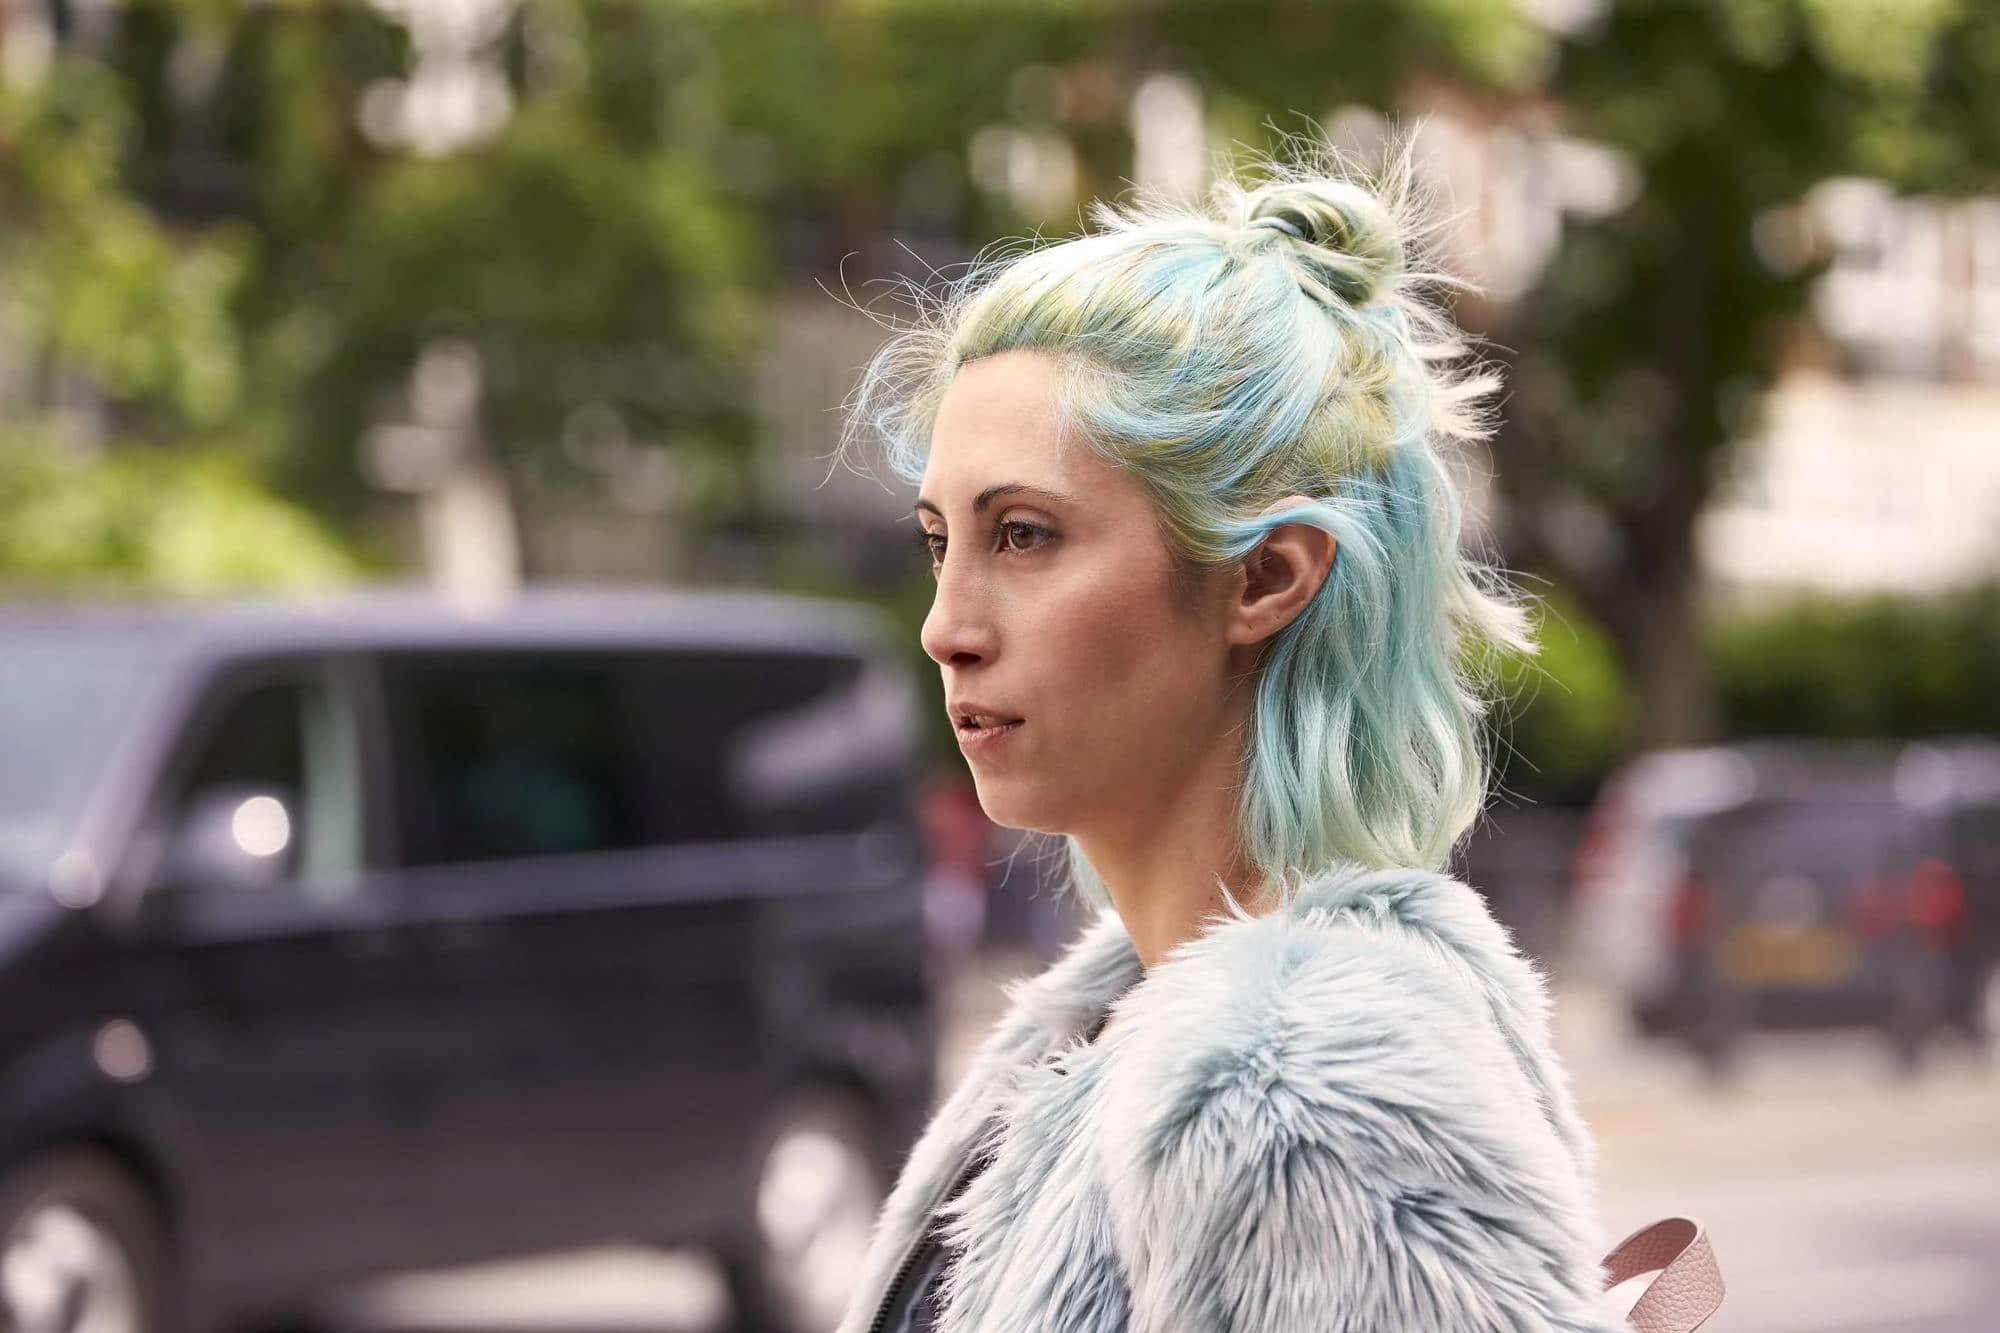 Grunge Hair 50 Trending Looks For Women All Things Hair Us